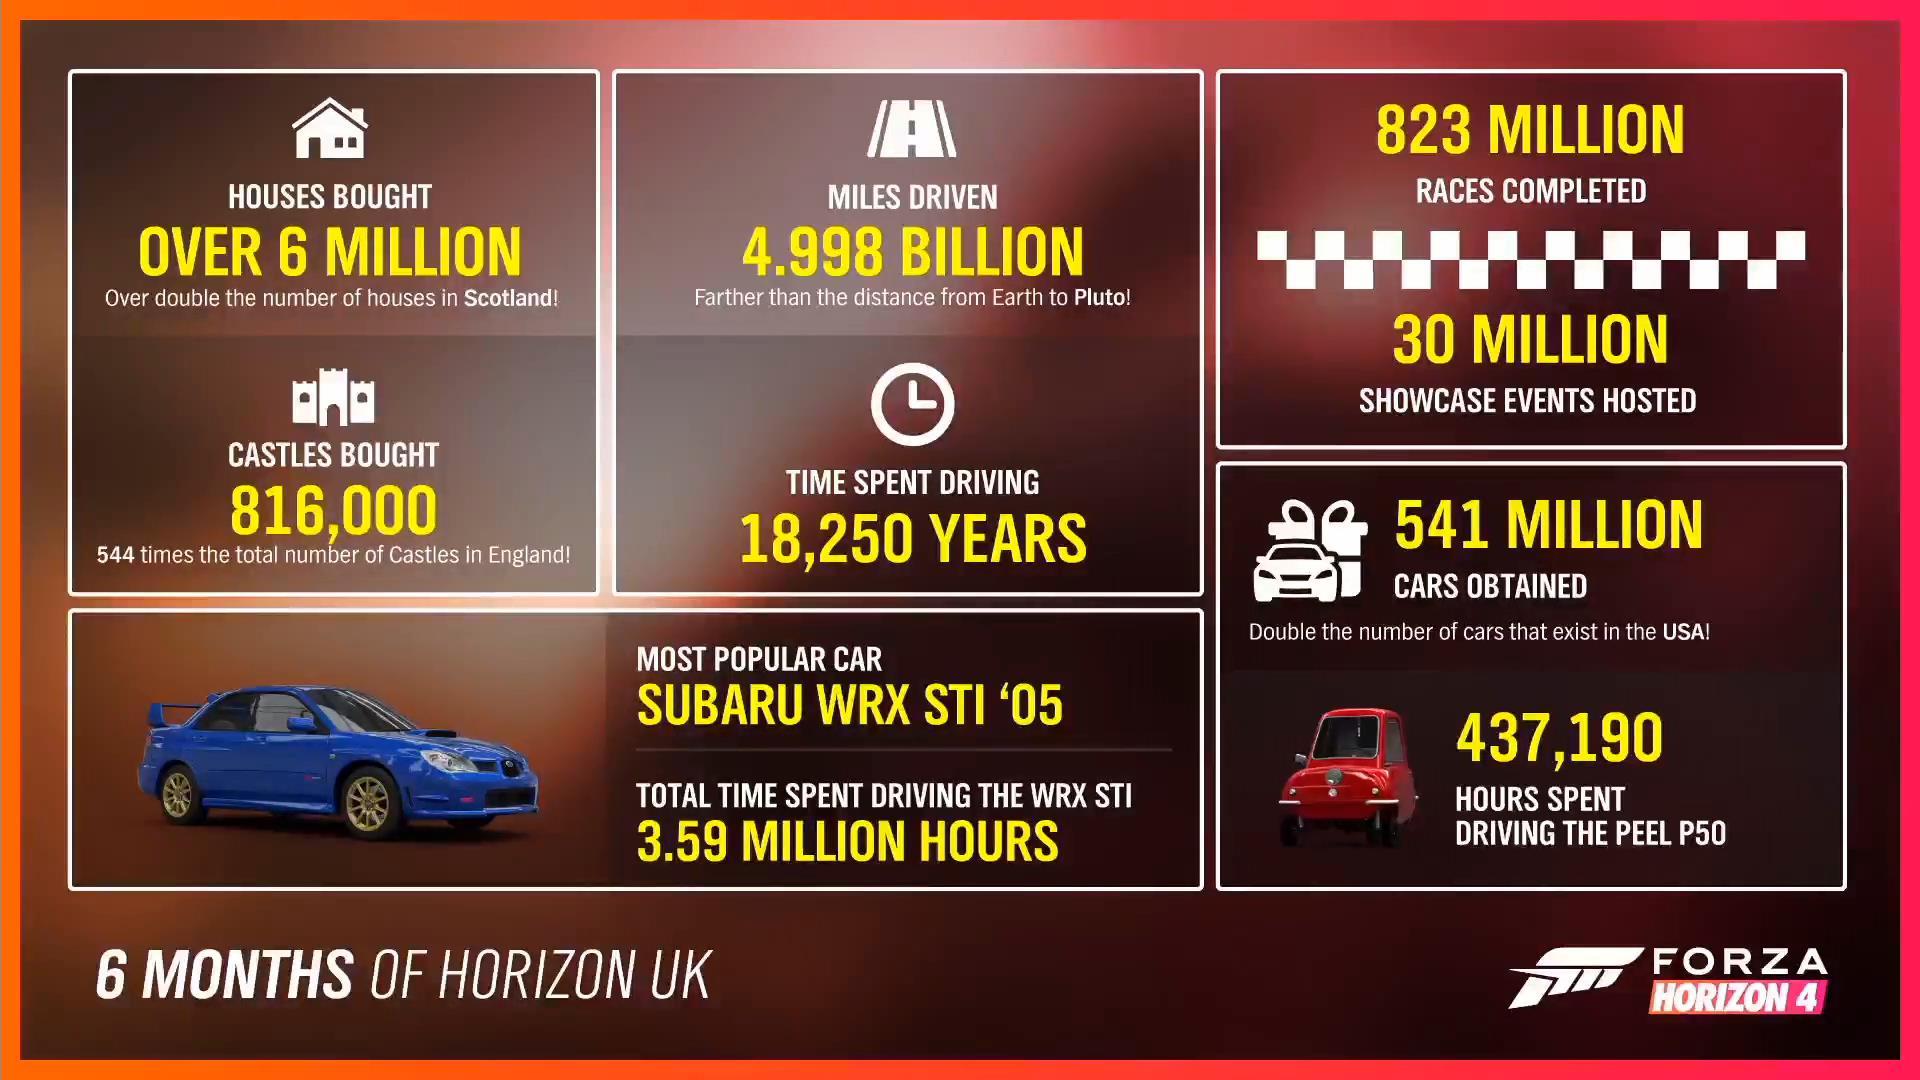 Статистика Forza Horizon 4 за первые шесть месяцев после запуска